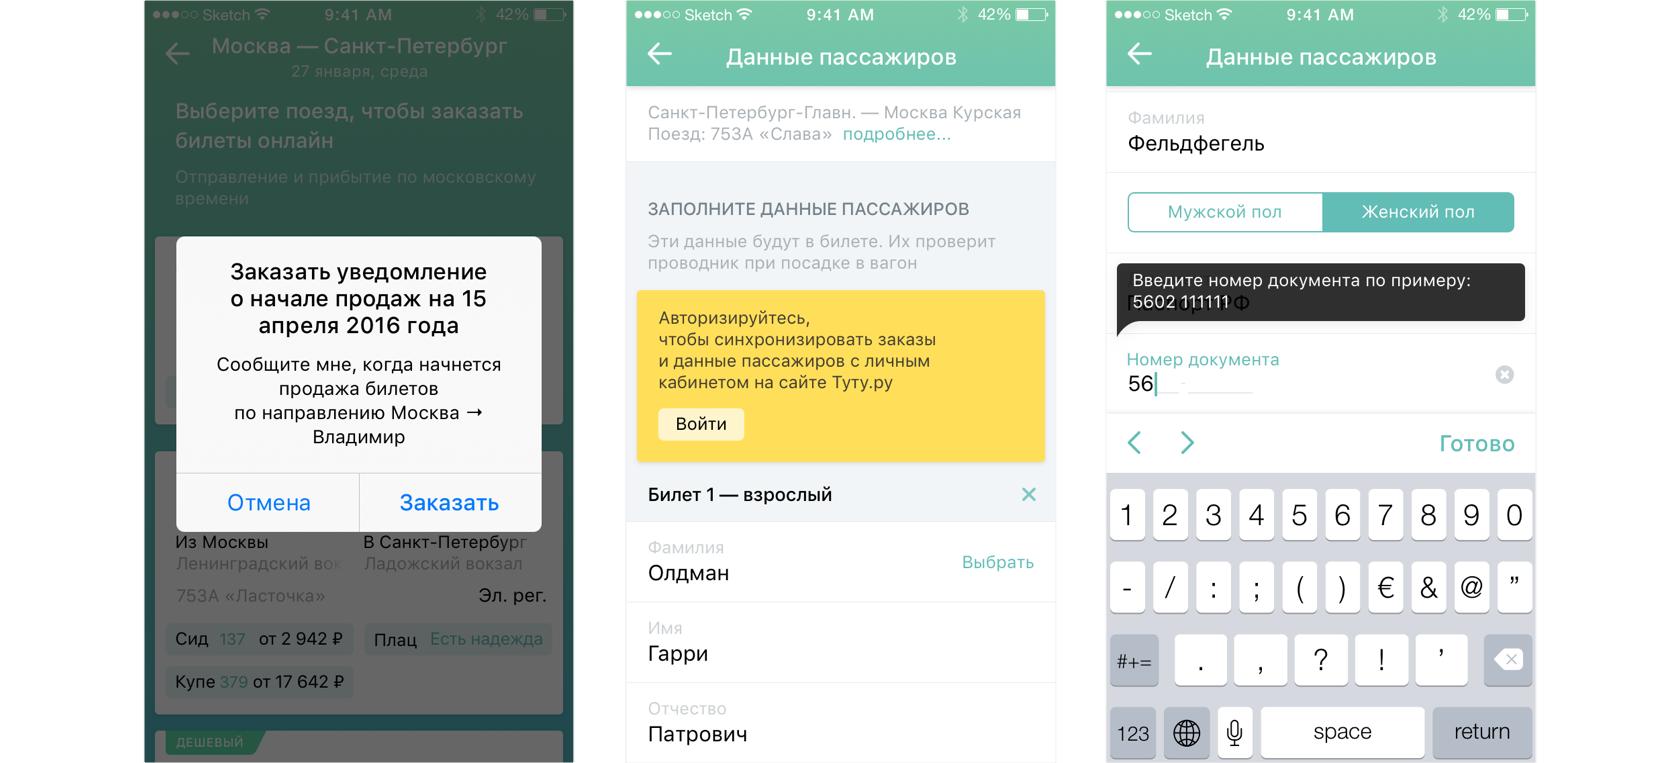 Дизайн мобильного приложения Туту.ру